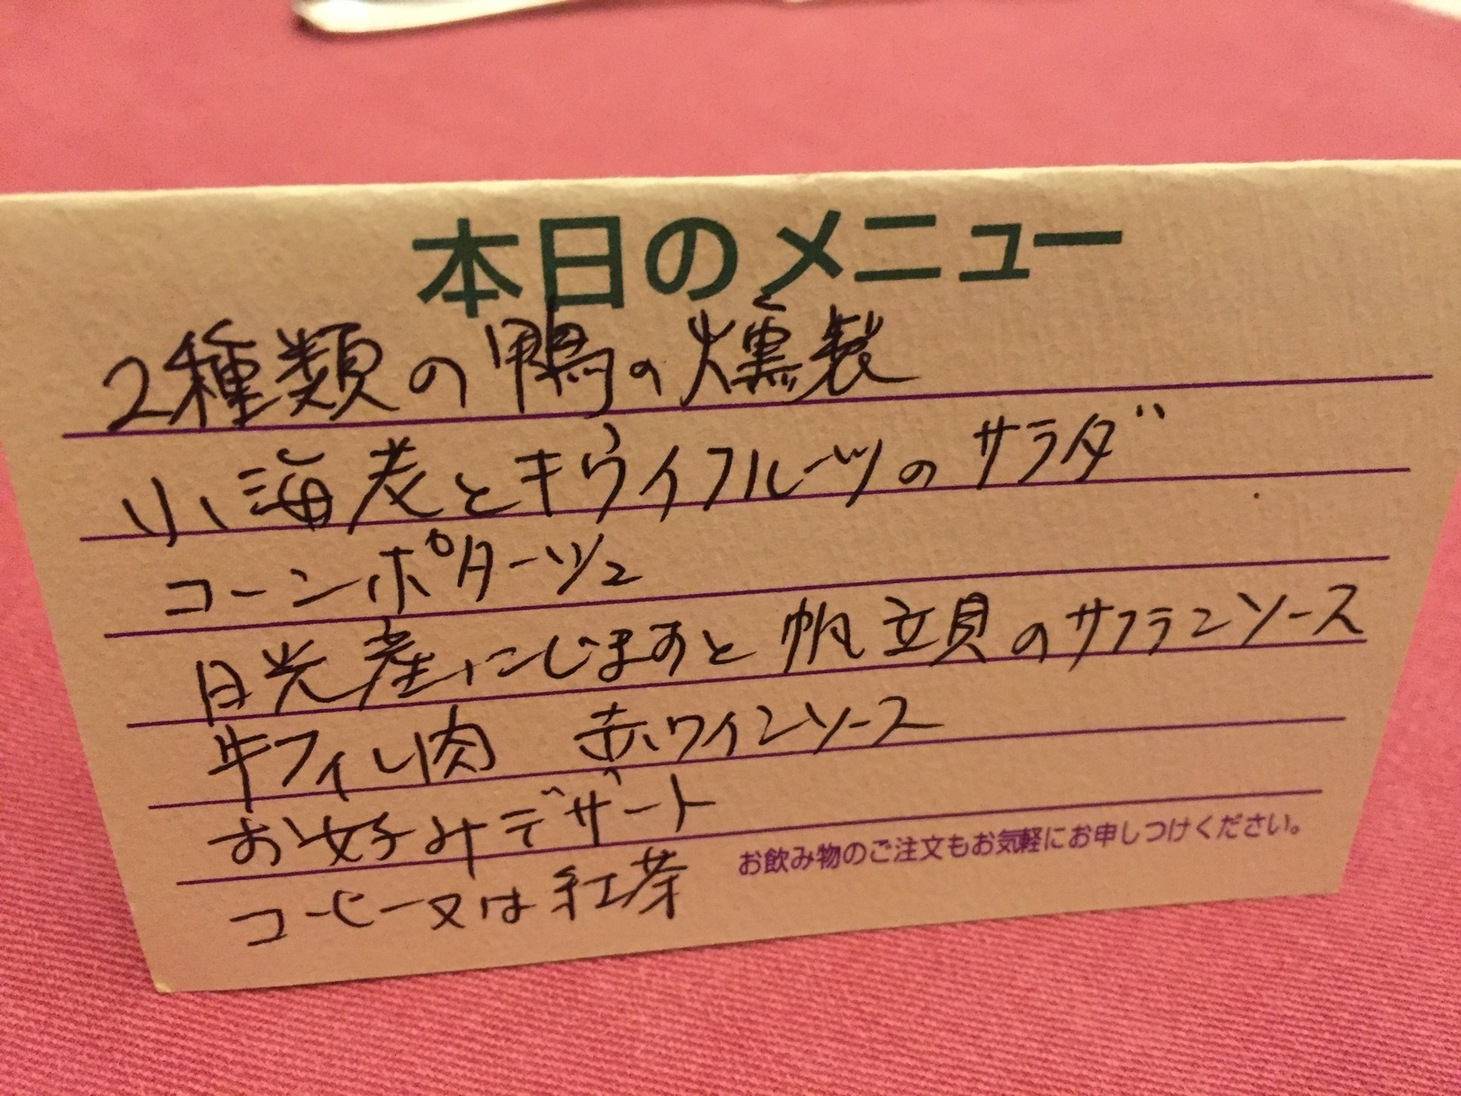 プティ・ホテル セ・ボン name=